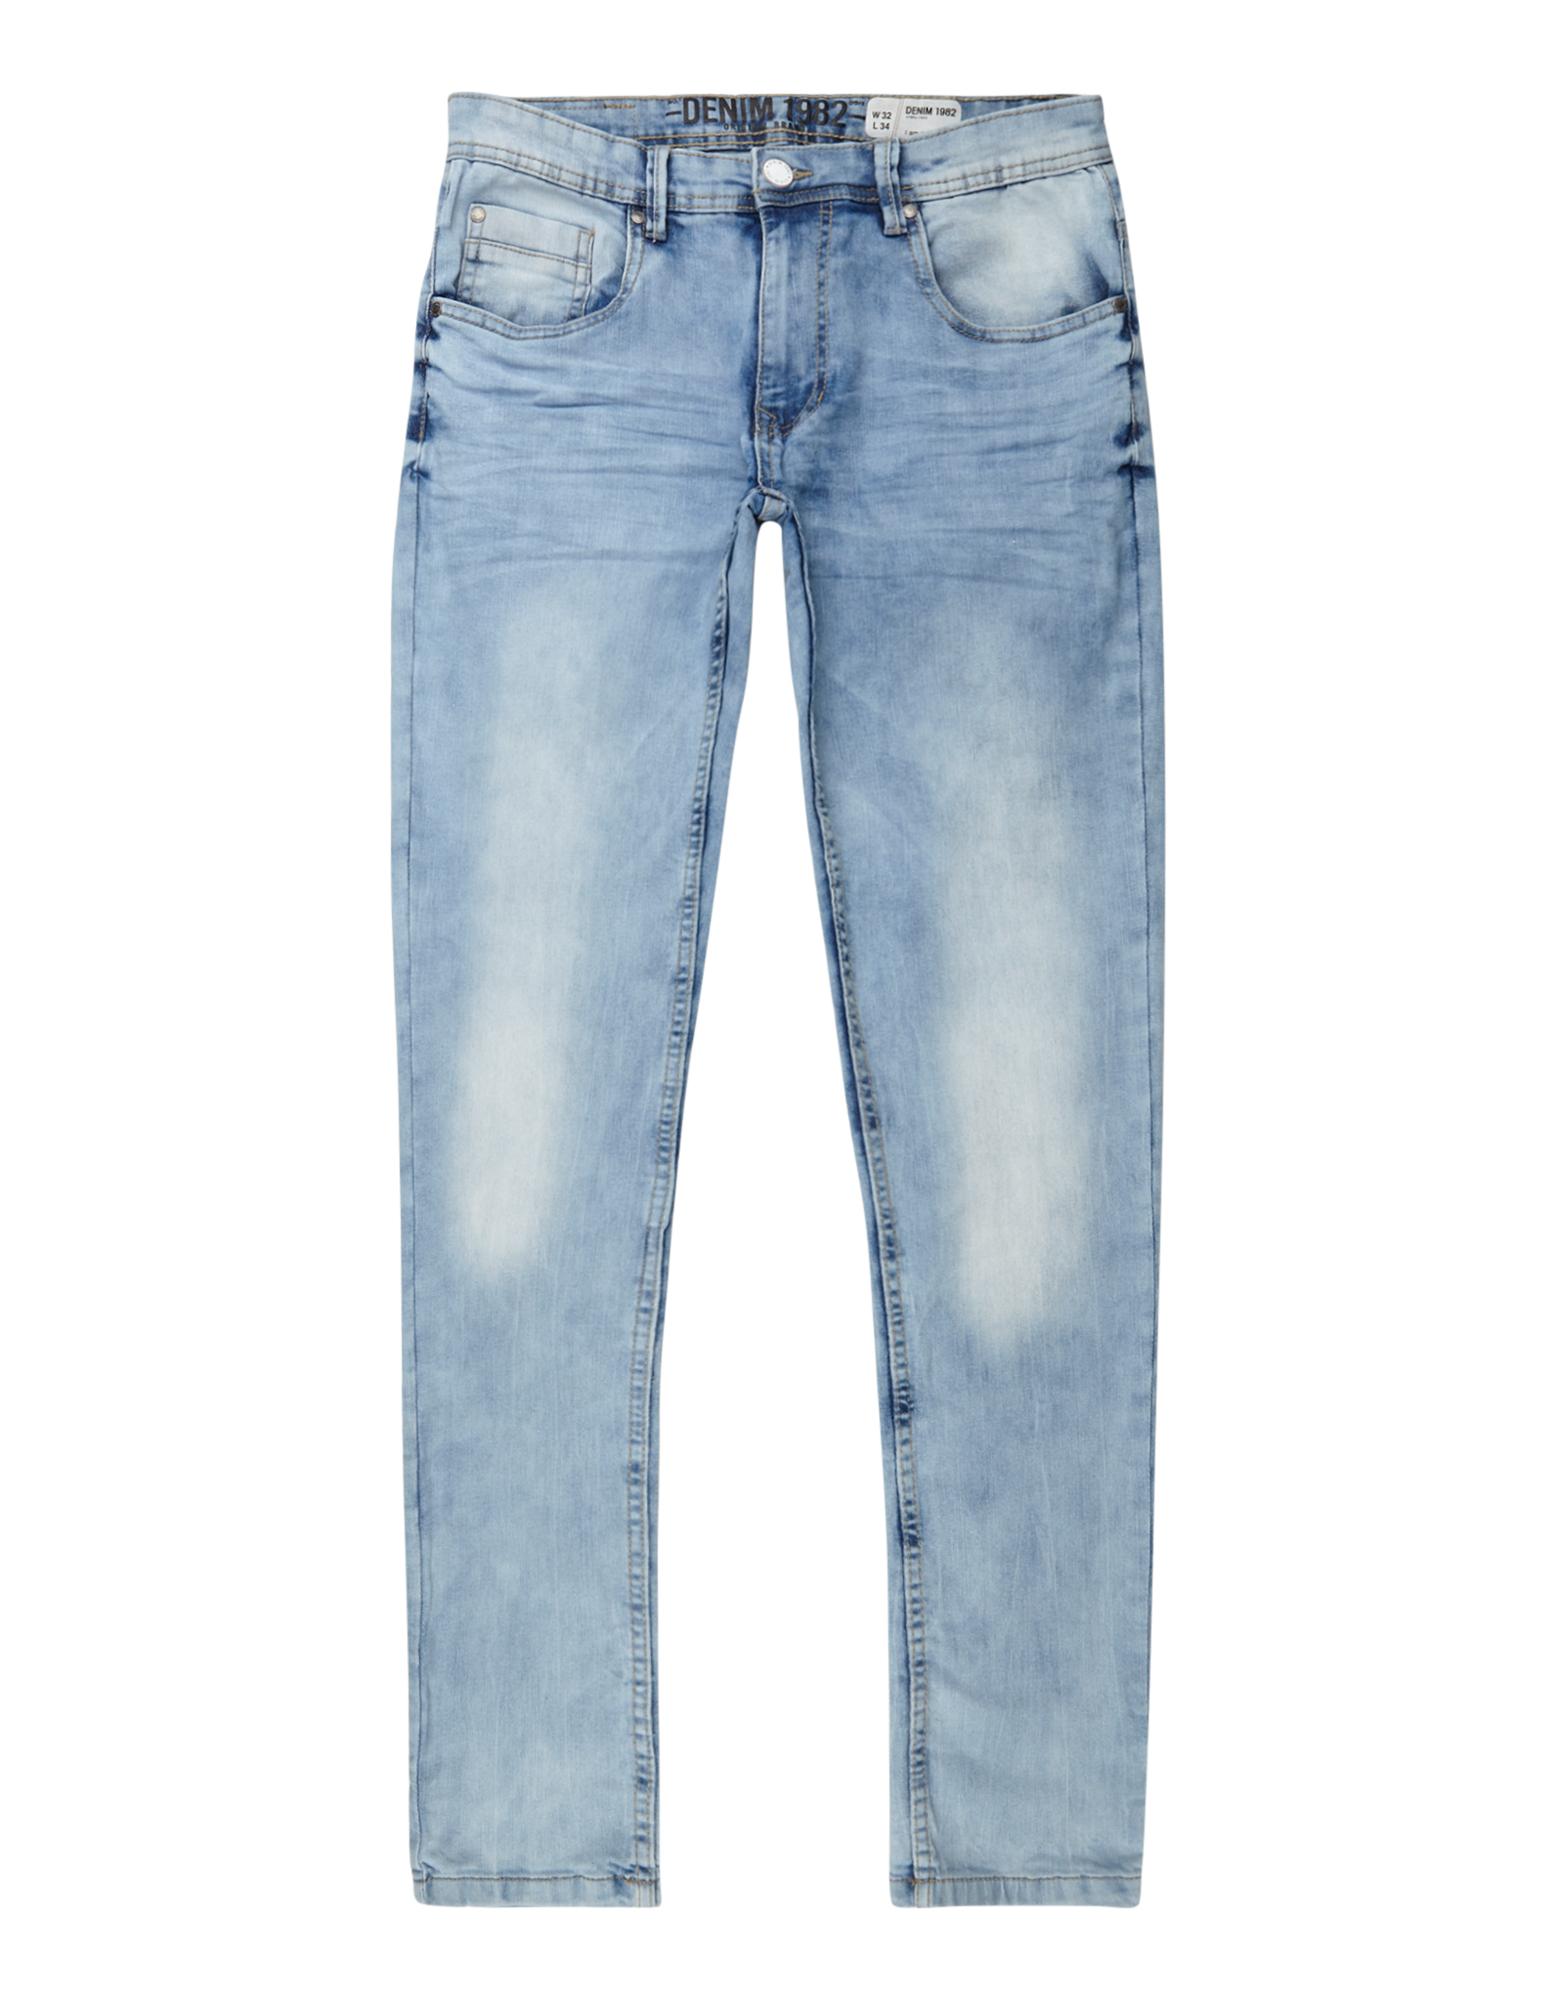 herren bleached slim fit jeans takko fashion. Black Bedroom Furniture Sets. Home Design Ideas